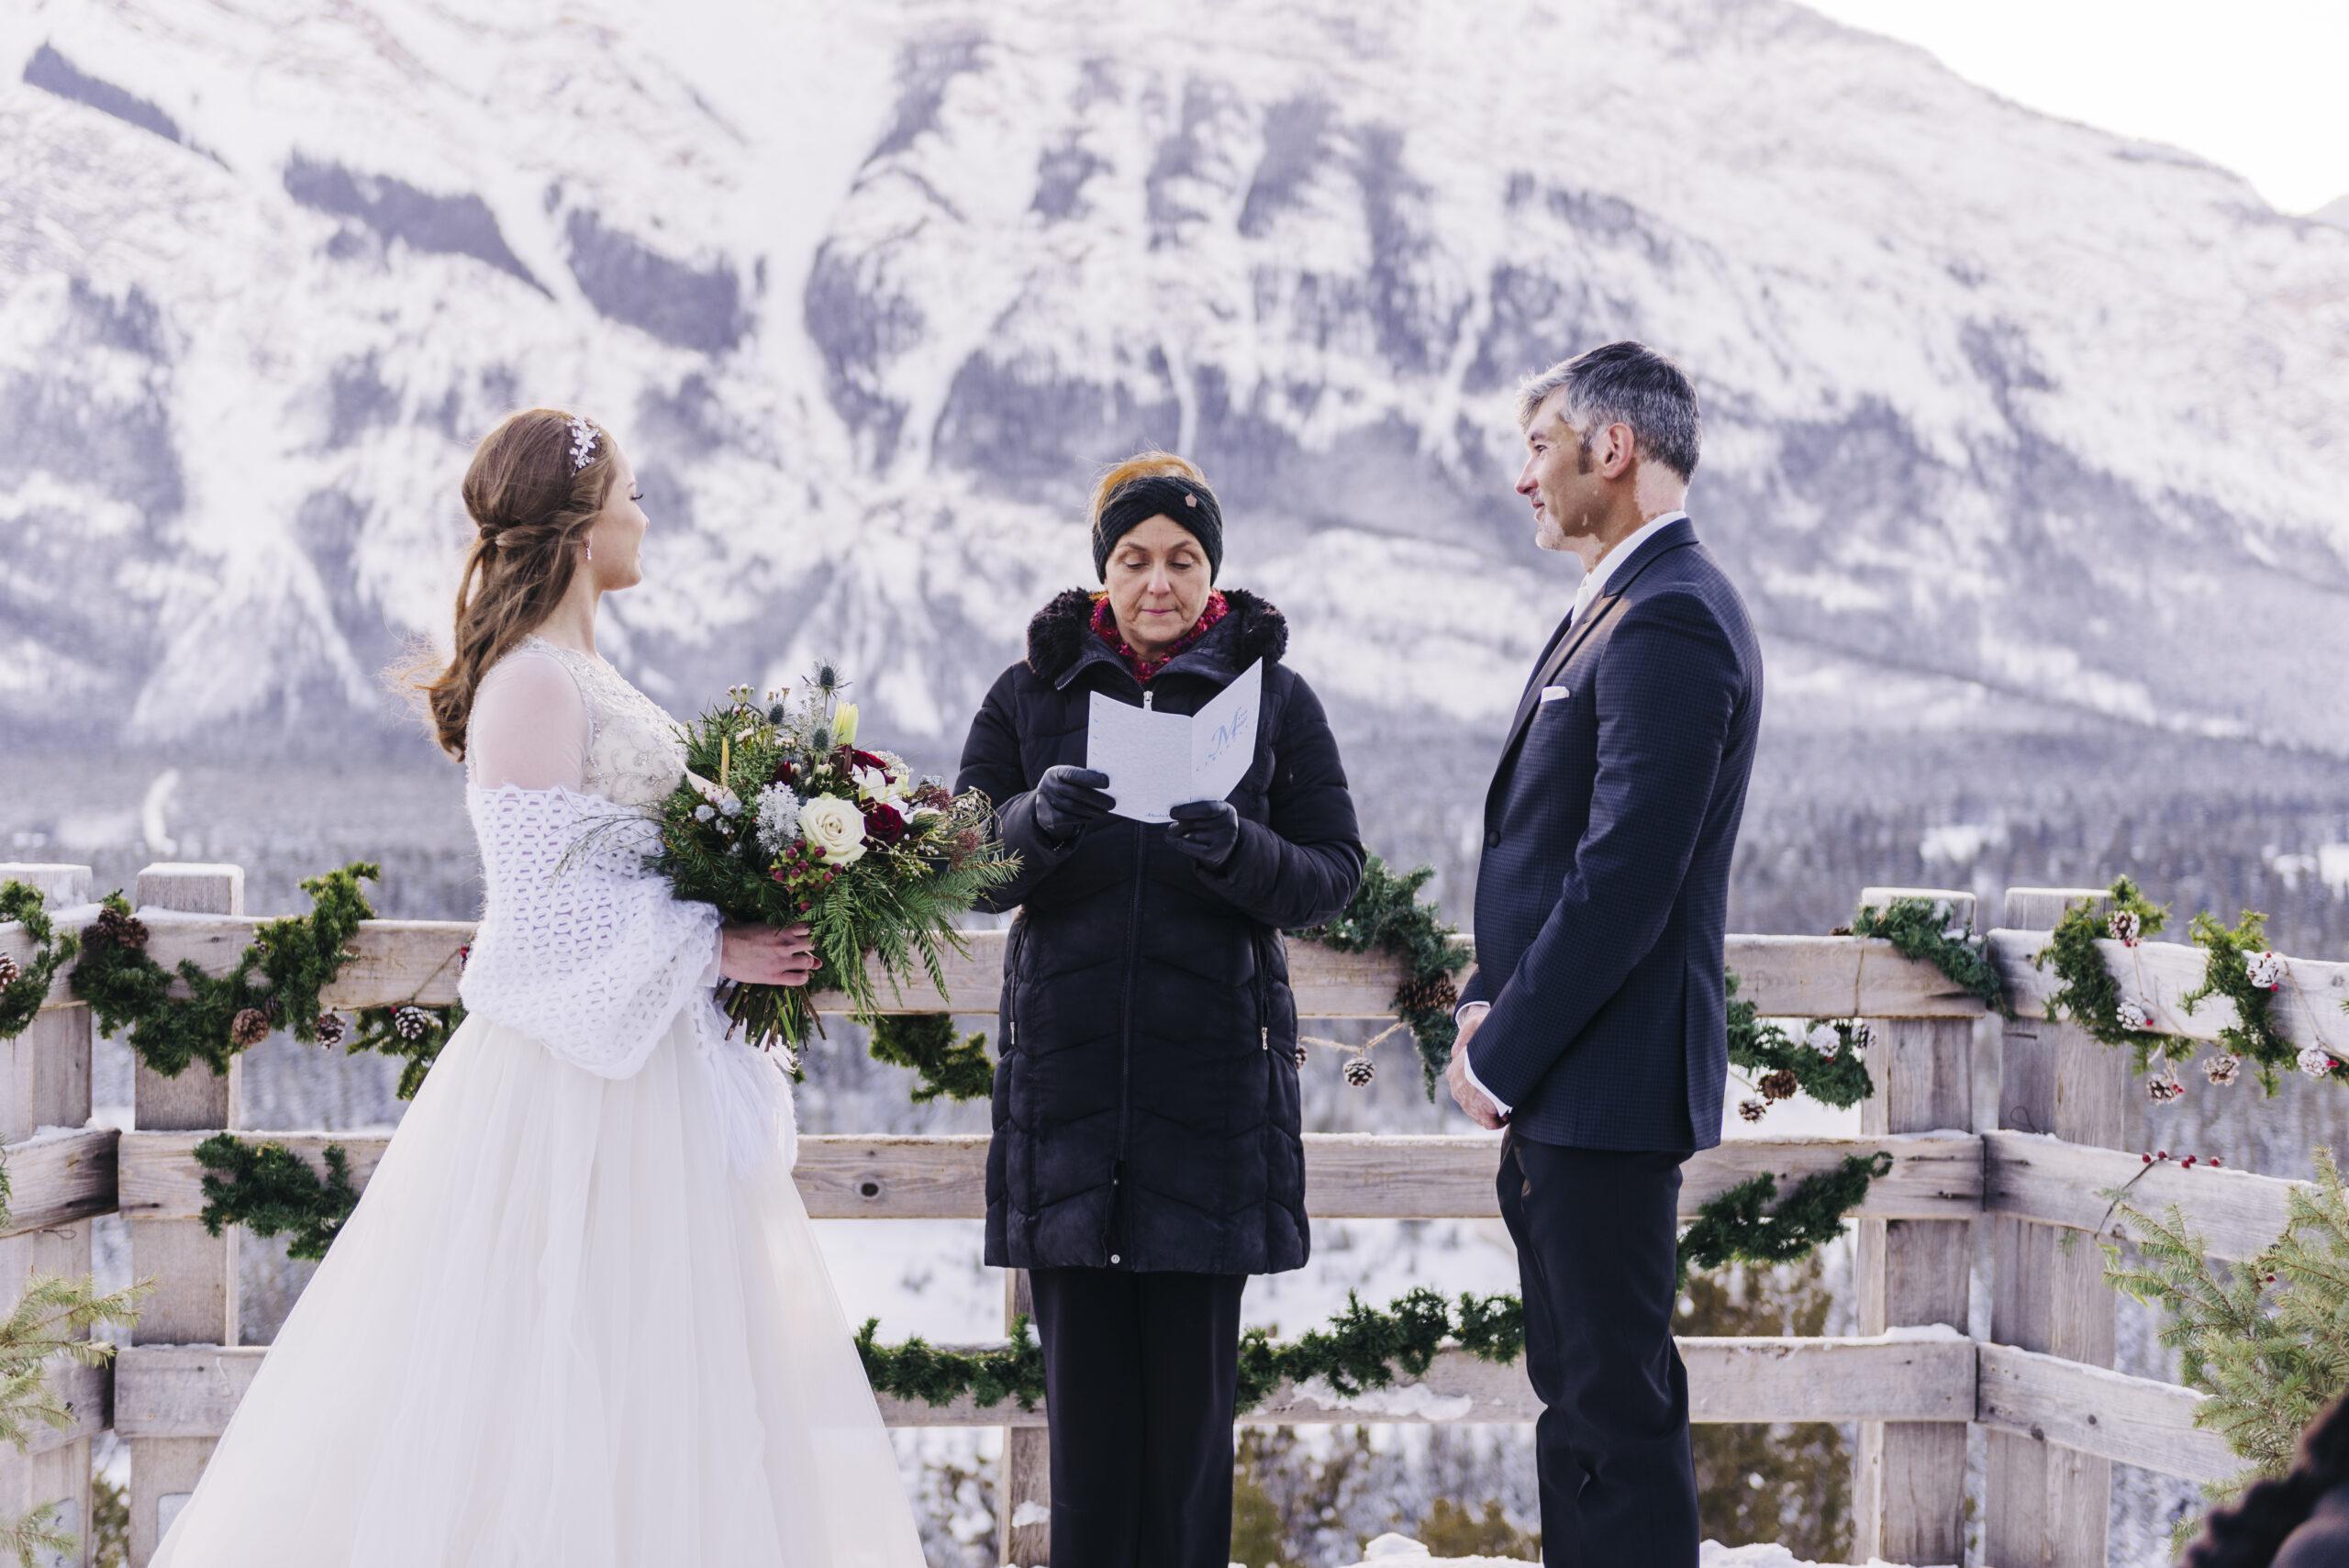 Elopement in Banff